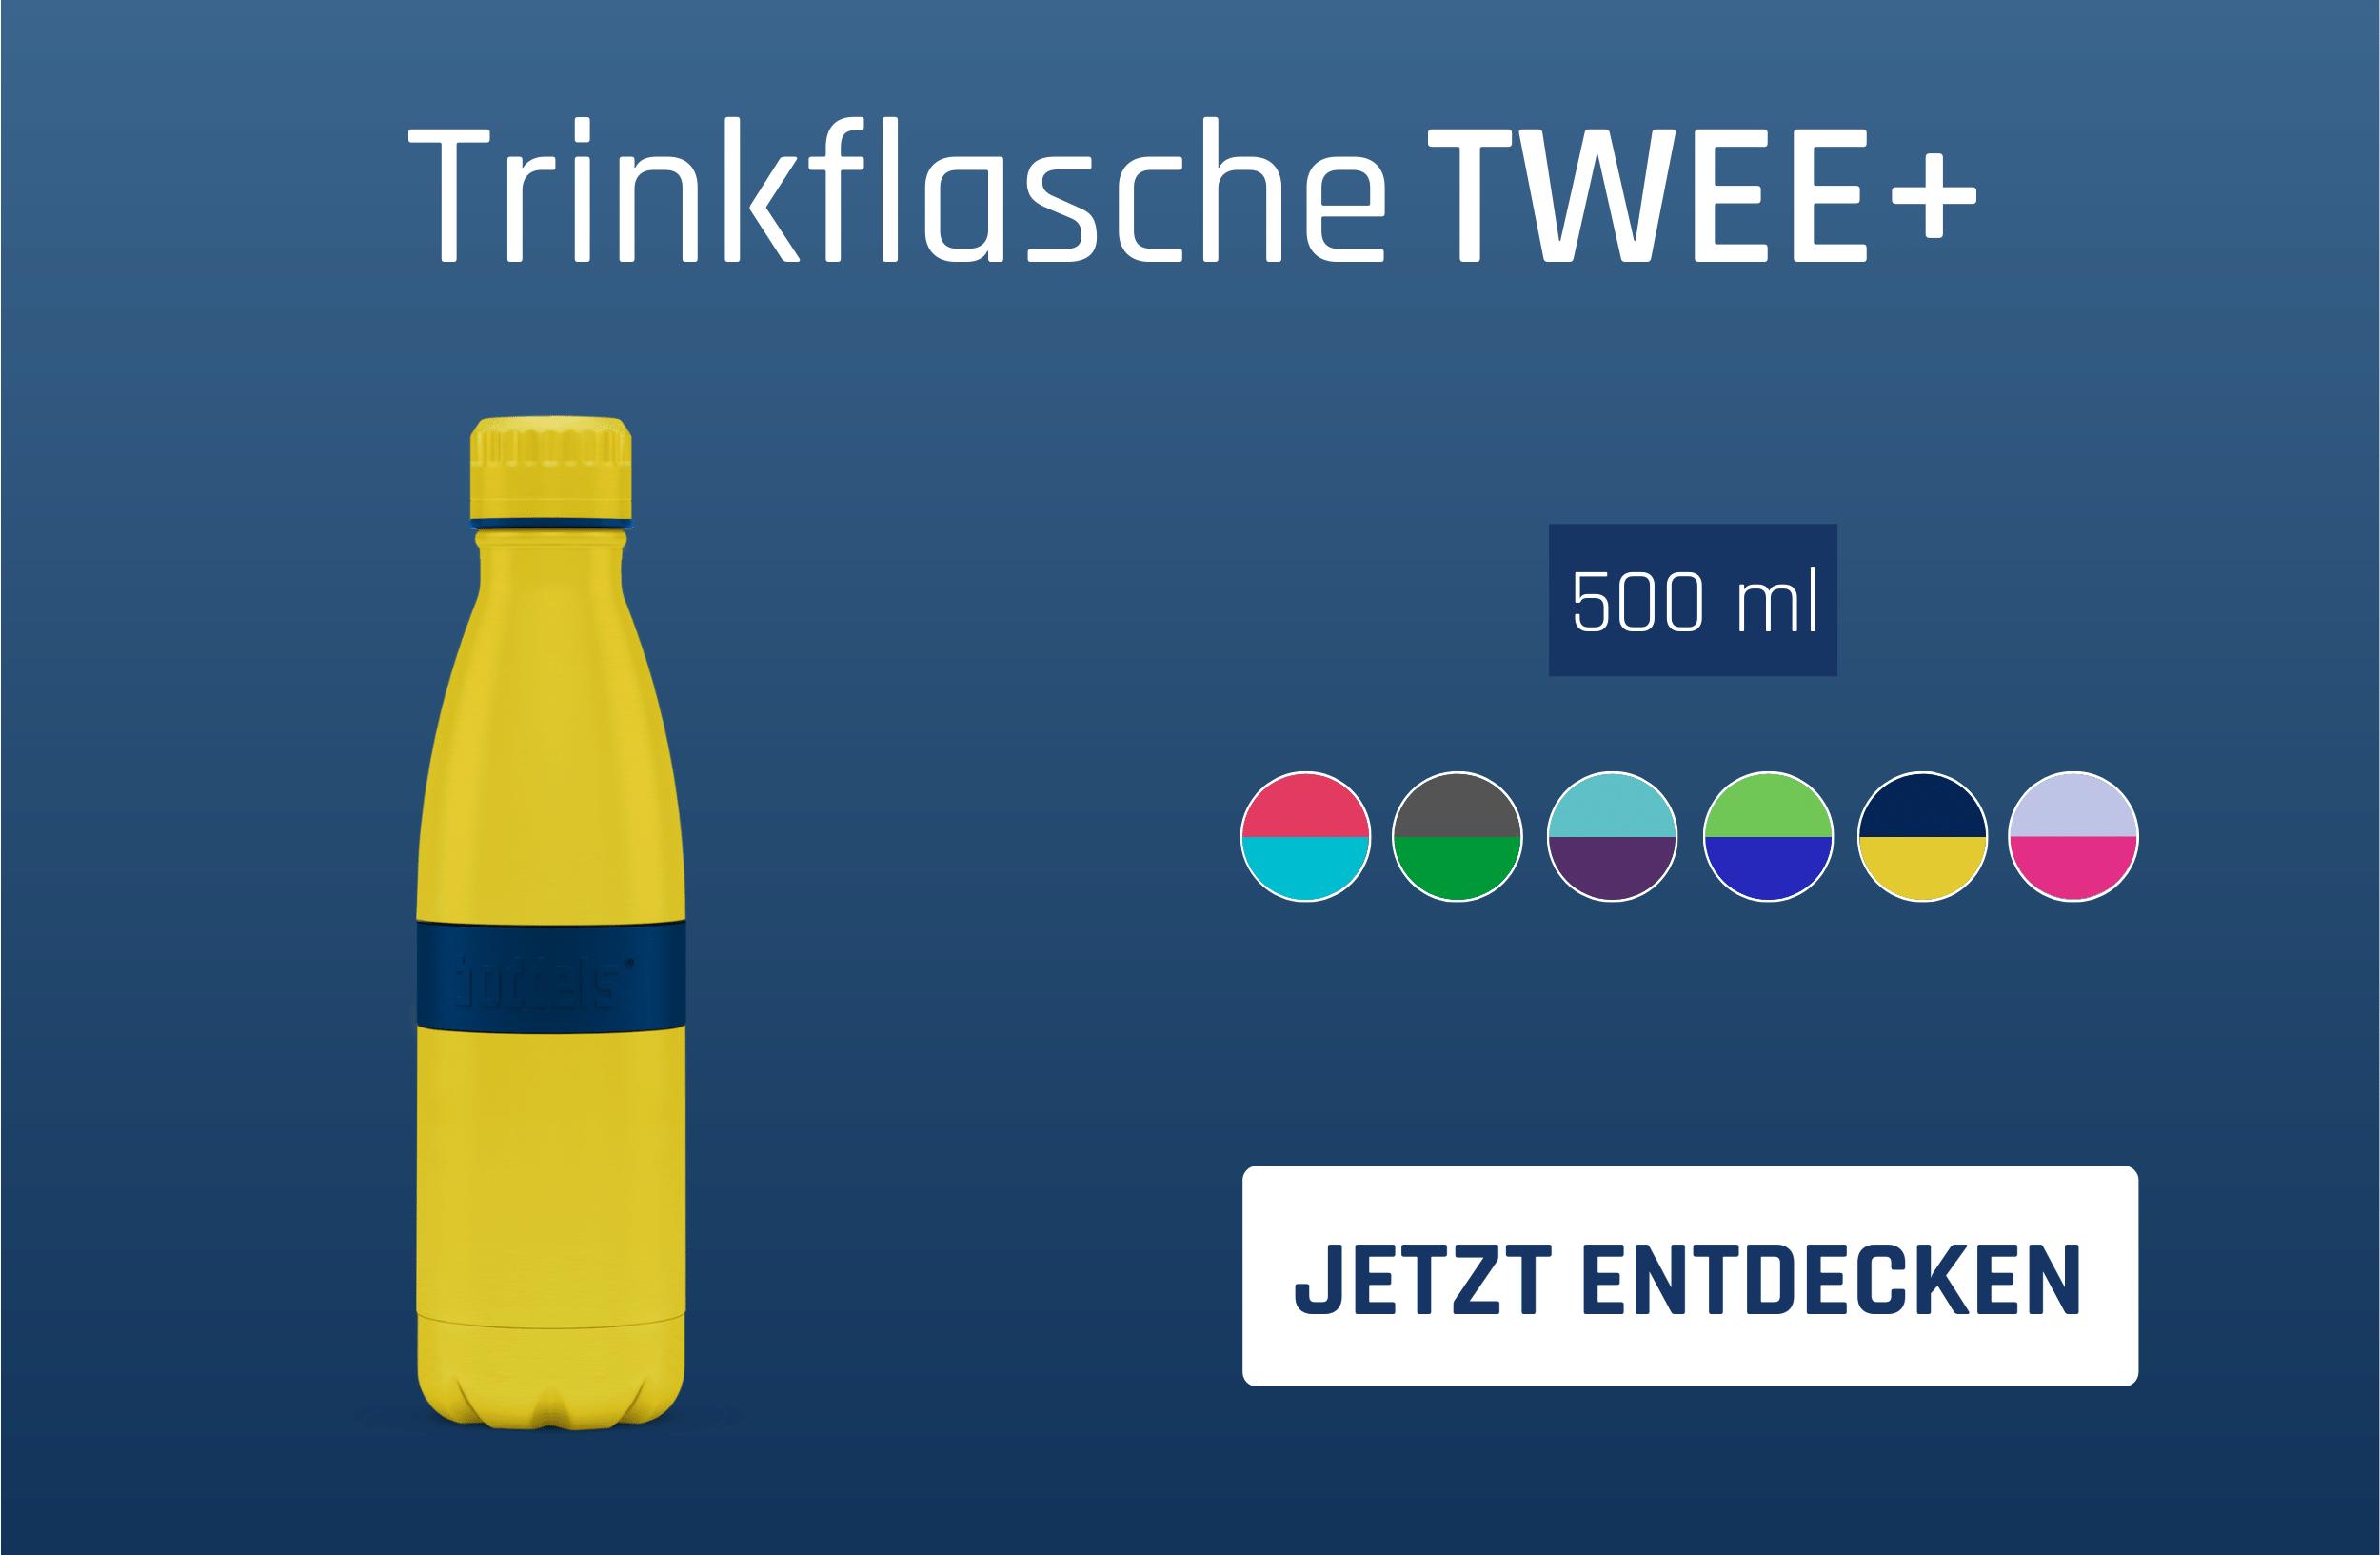 Trinkflasche TWEE+ 500ml